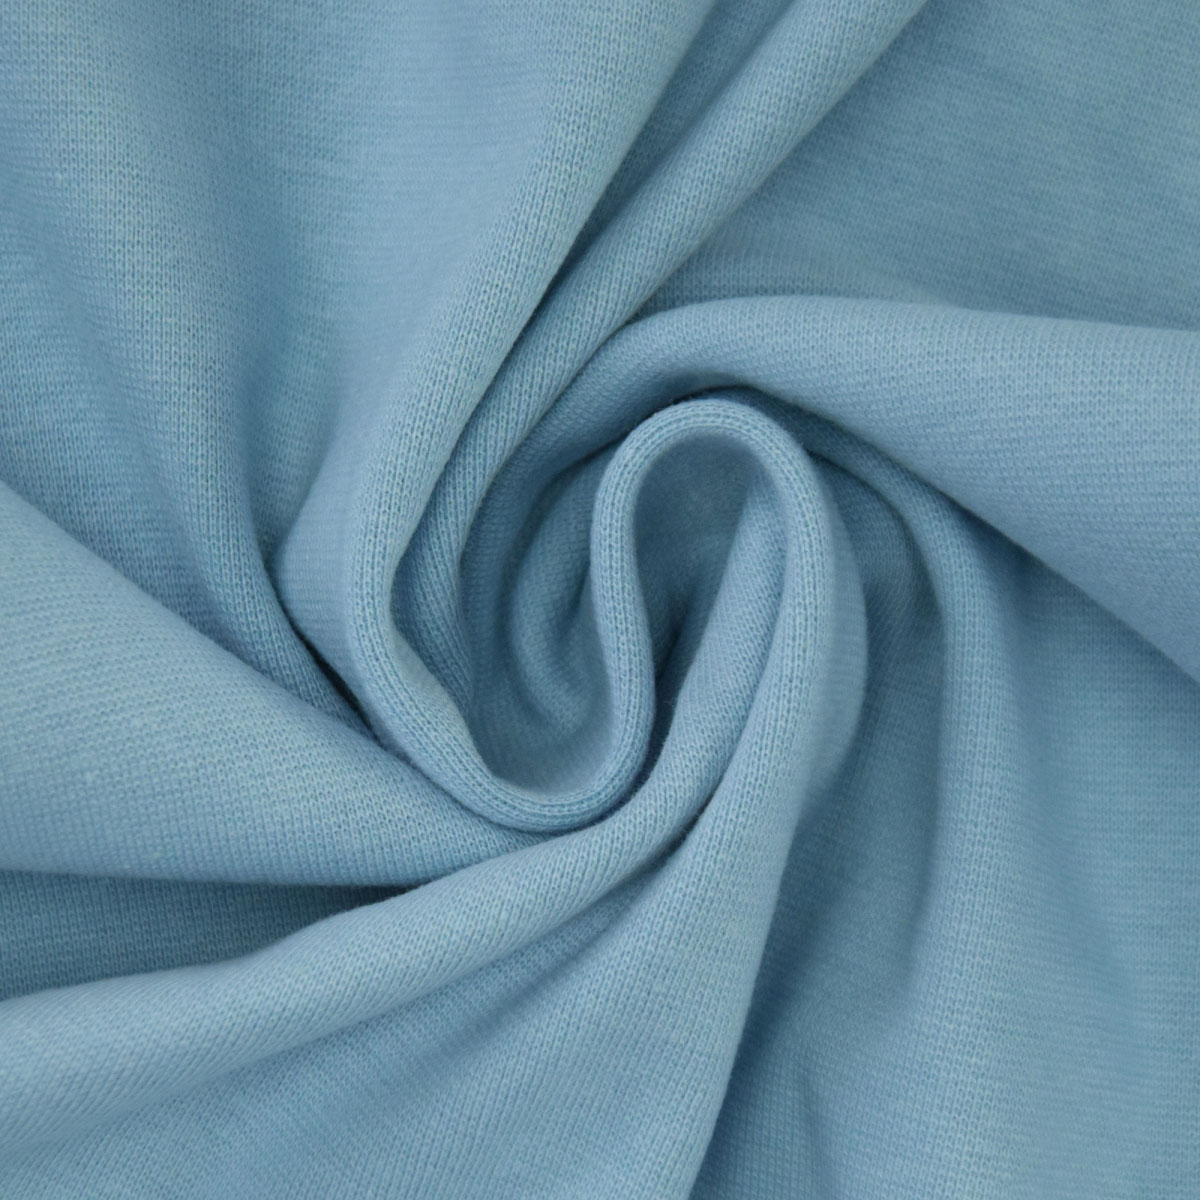 50cm Bündchen / Schlauchware pastell blau 6029